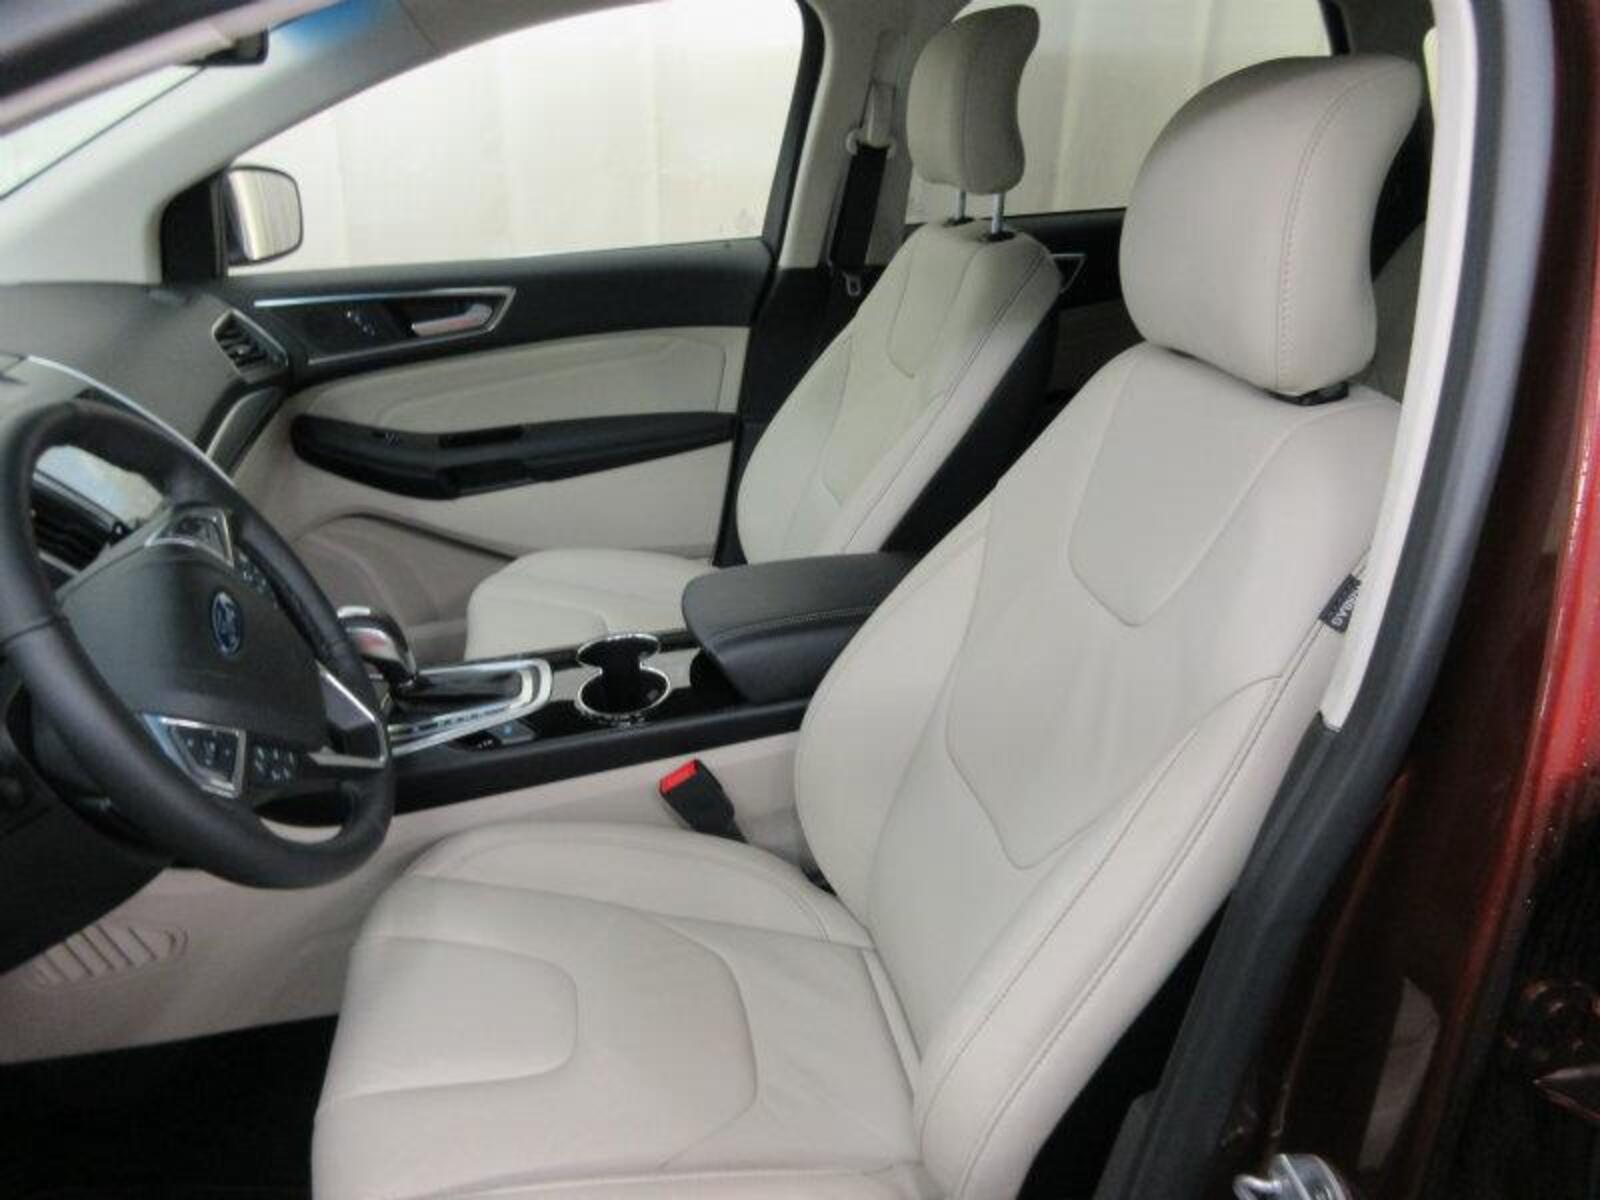 FORD EDGE 2,0 TDCi 210hv PowerShift AWD Titanium *** Hurja rah.tarjous ! Korko 1,9% + kulut!, Minimihyvitys 1500€ katsastetusta autosta!, vm. 2018, 6 tkm